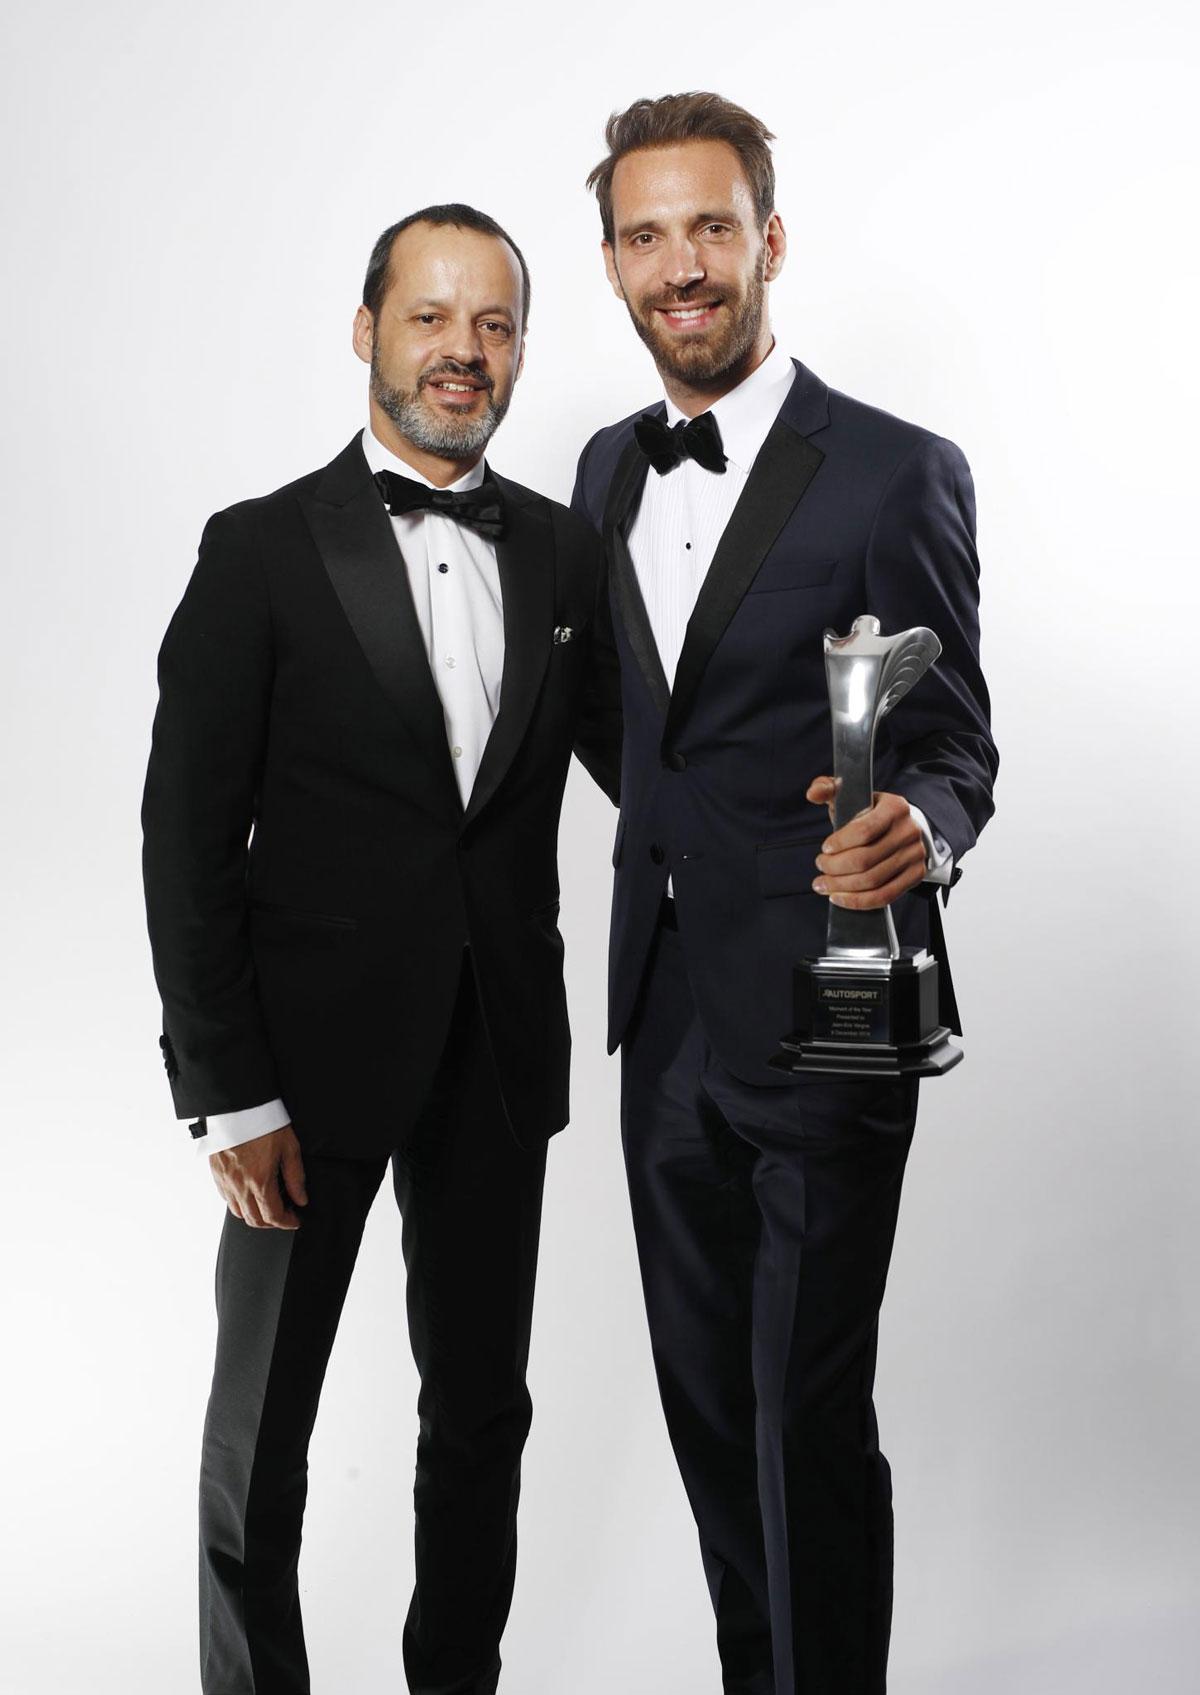 Riccardo De Filippis and Jean-Eric Vergne